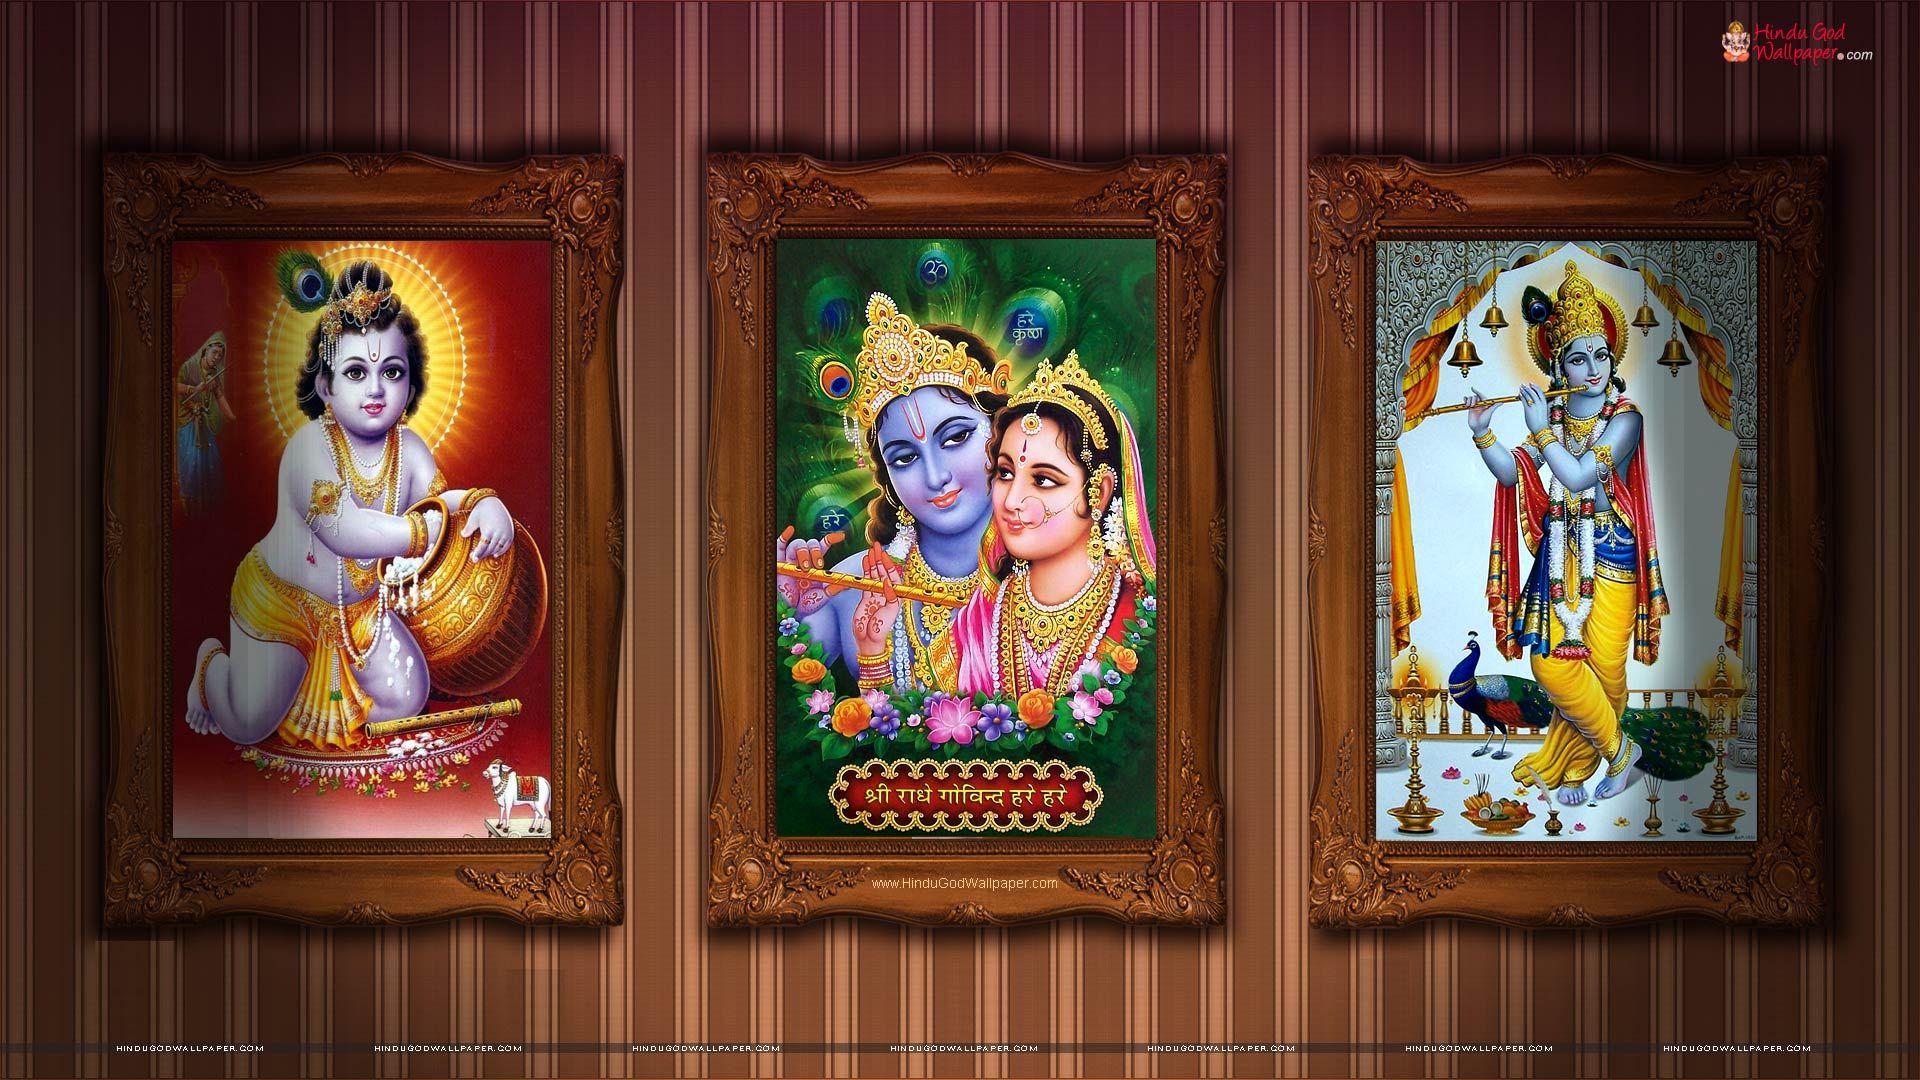 Lord Krishna Hd Wallpaper Free Download Lord Krishna Hd Wallpaper Krishna Wallpaper Lord Krishna Wallpapers